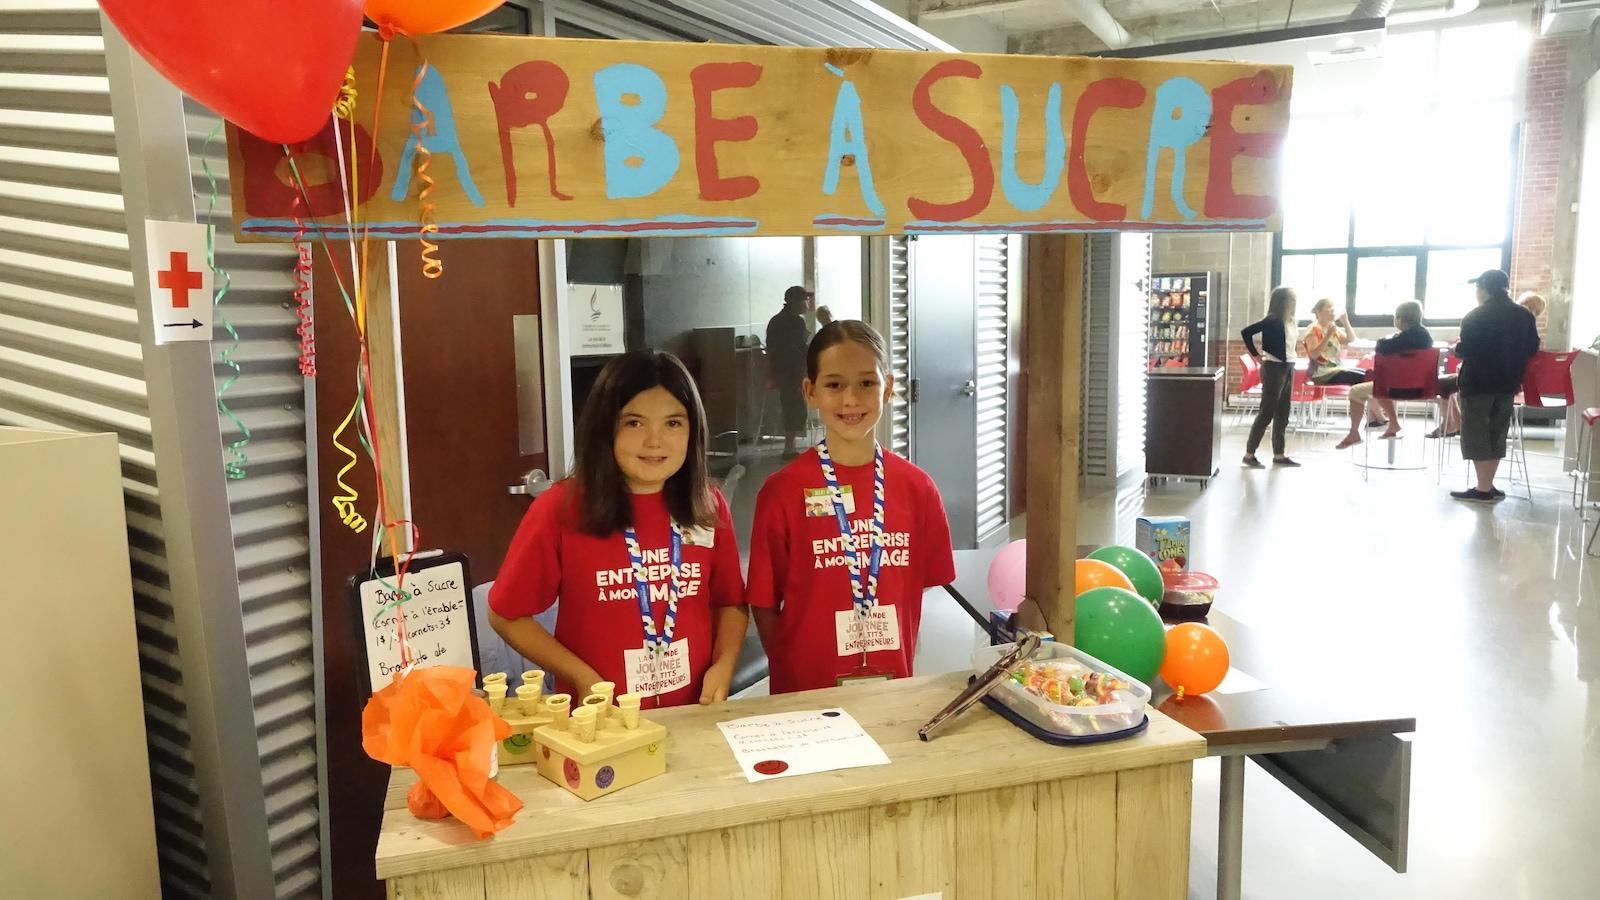 Ces jeunes filles vendent de la barbe à sucre à Shawinigan.